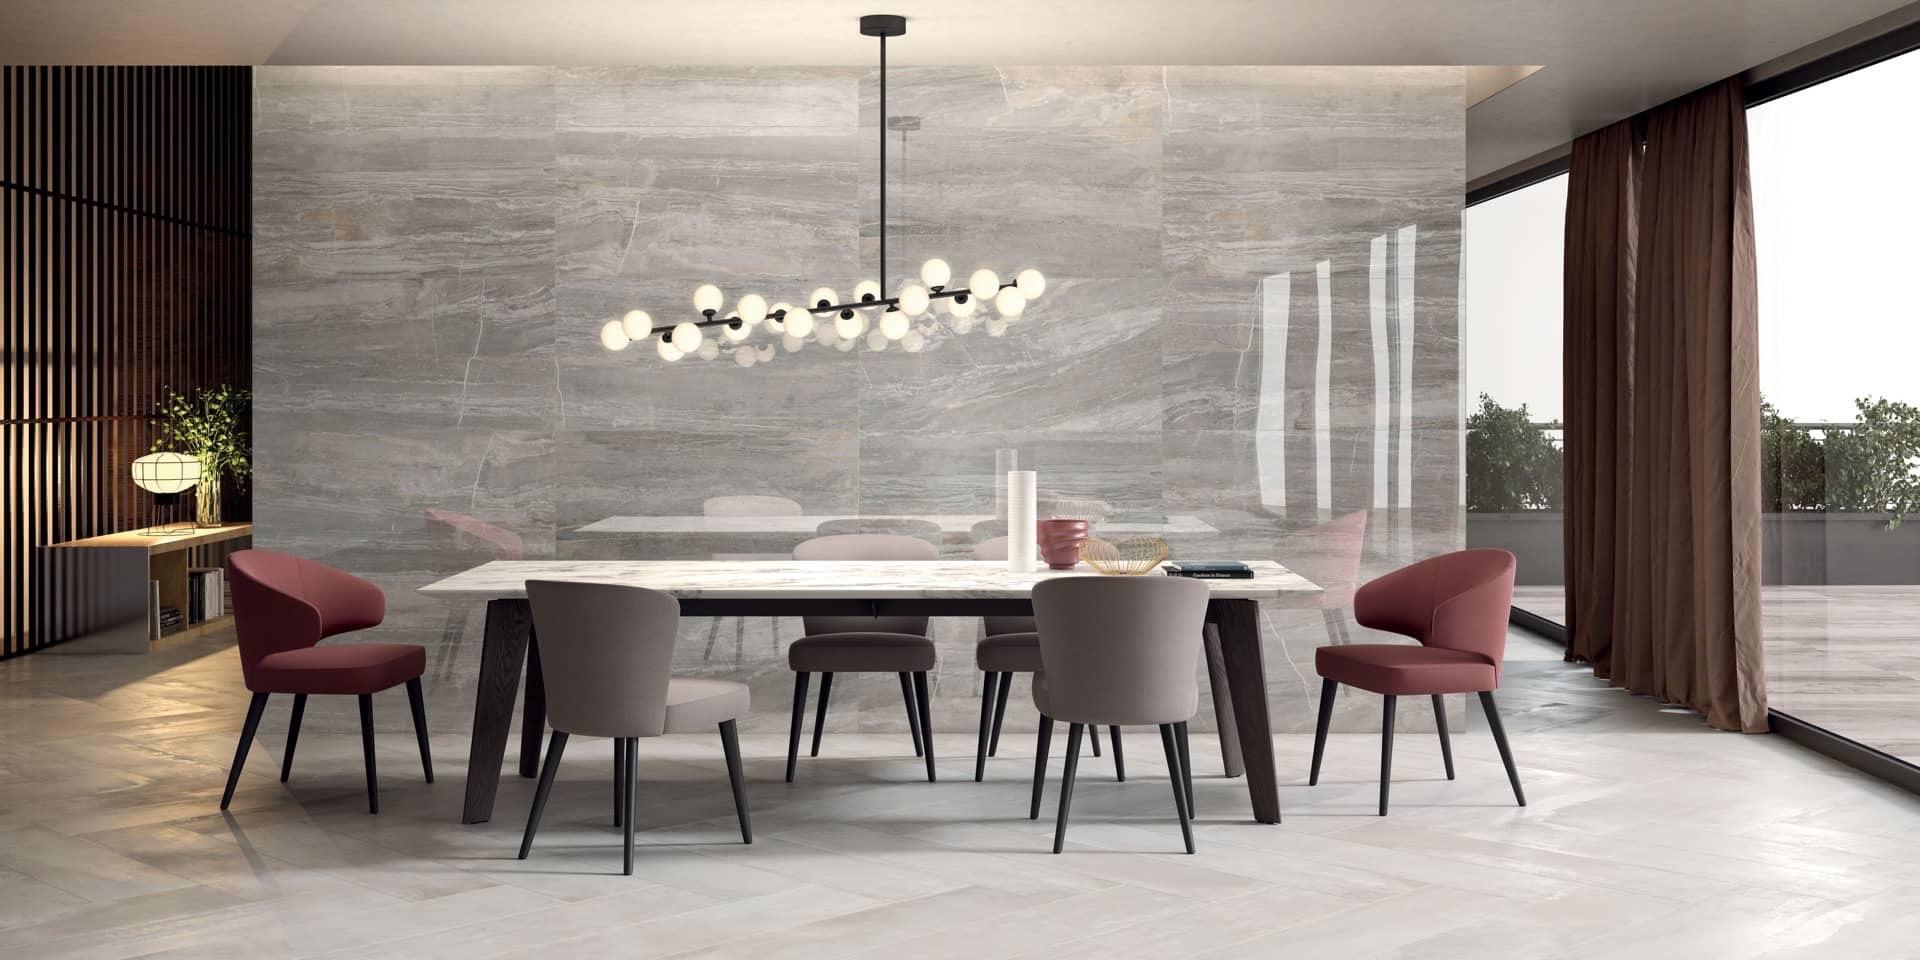 Pearl 30x120 + Sensi Arabesque Silver Lux+ 60x120